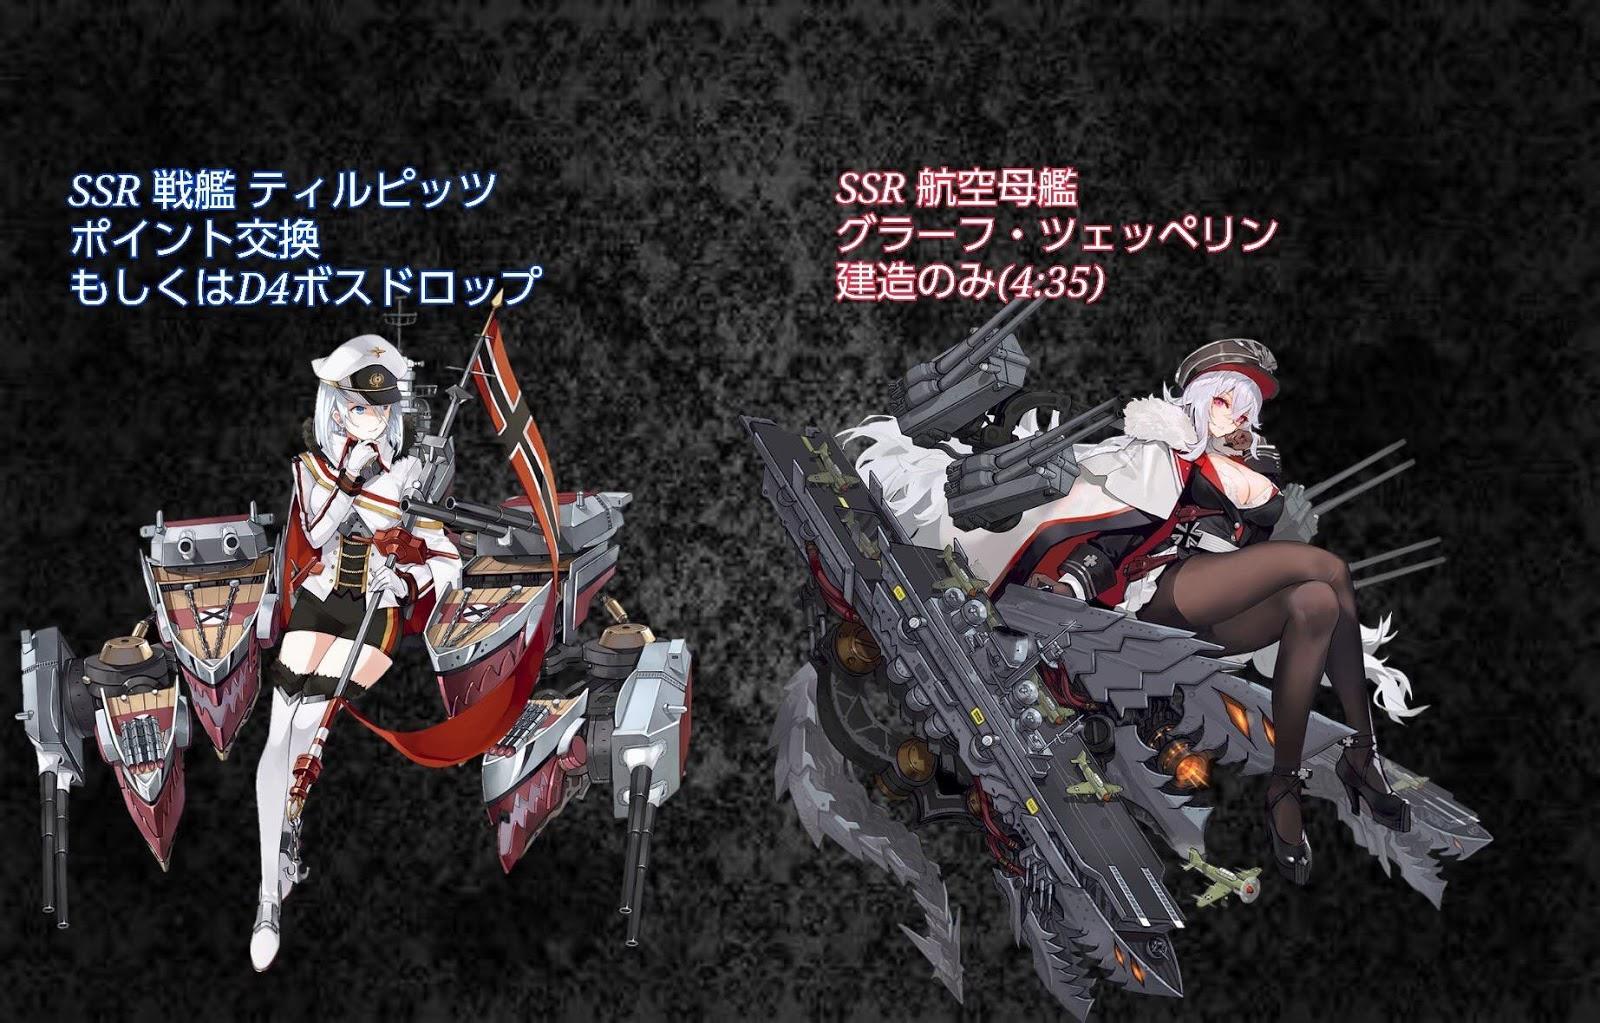 【アズレン】鉄血イベント ドロップ艦や手に入るアイテム教えて